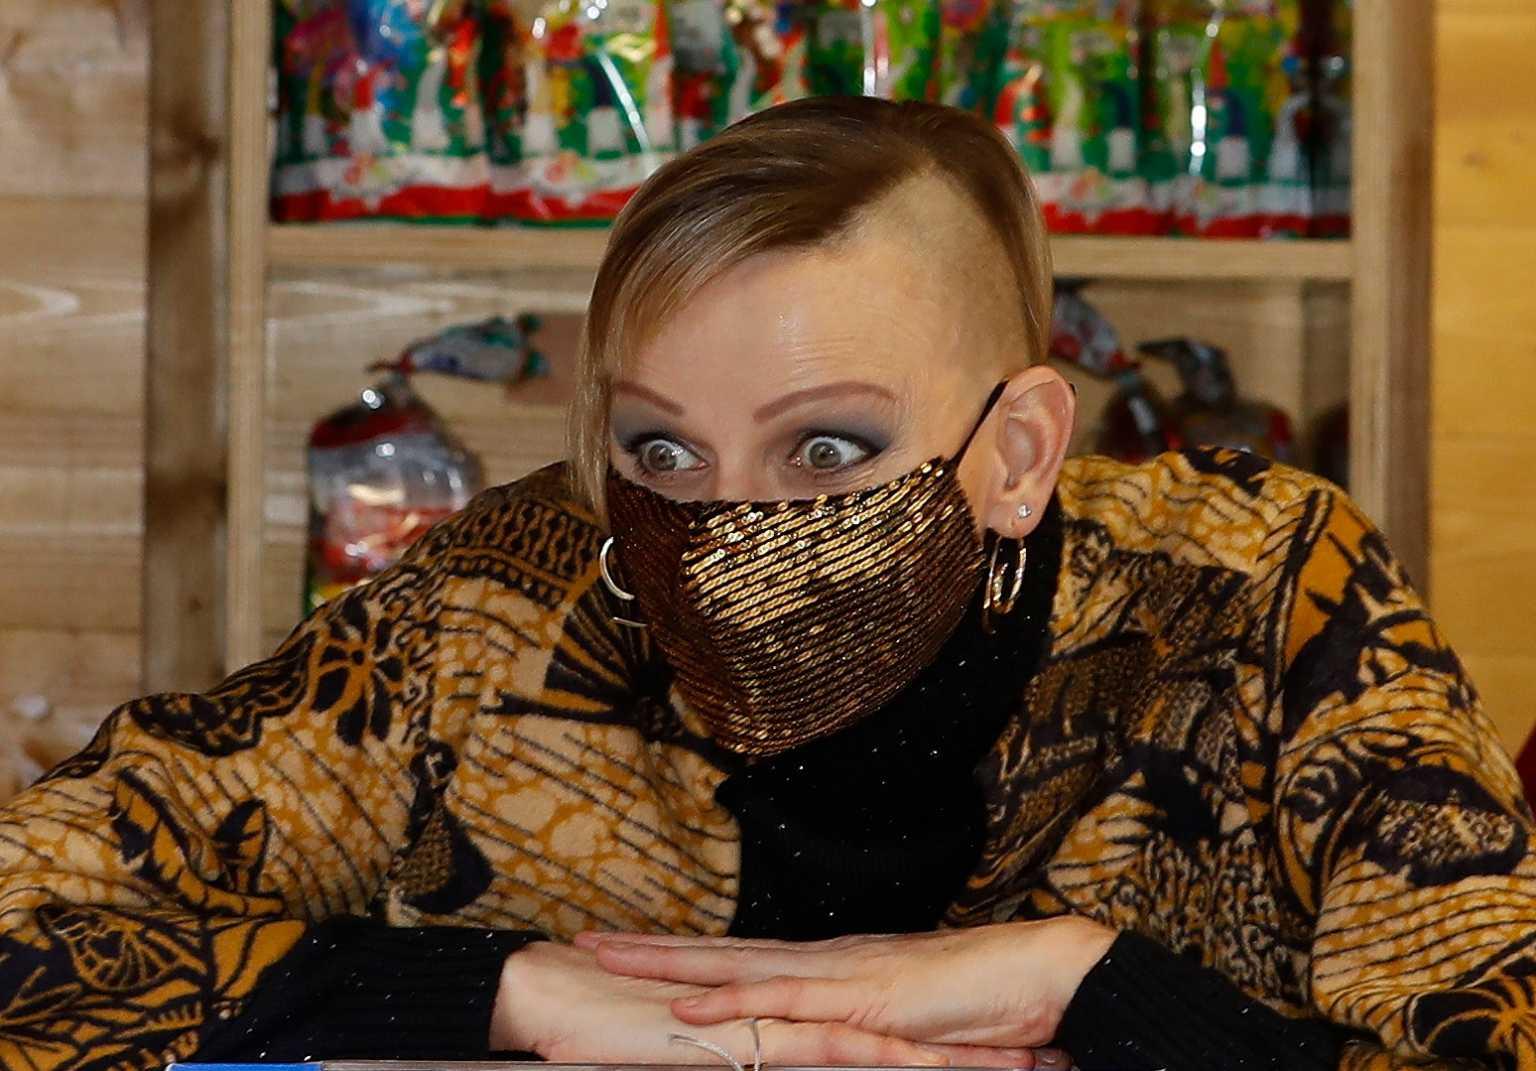 Η πριγκίπισσα του Μονακό Σαρλίν με ξυρισμένο κεφάλι: Το πανκ λουκ που συζητήθηκε (pics)